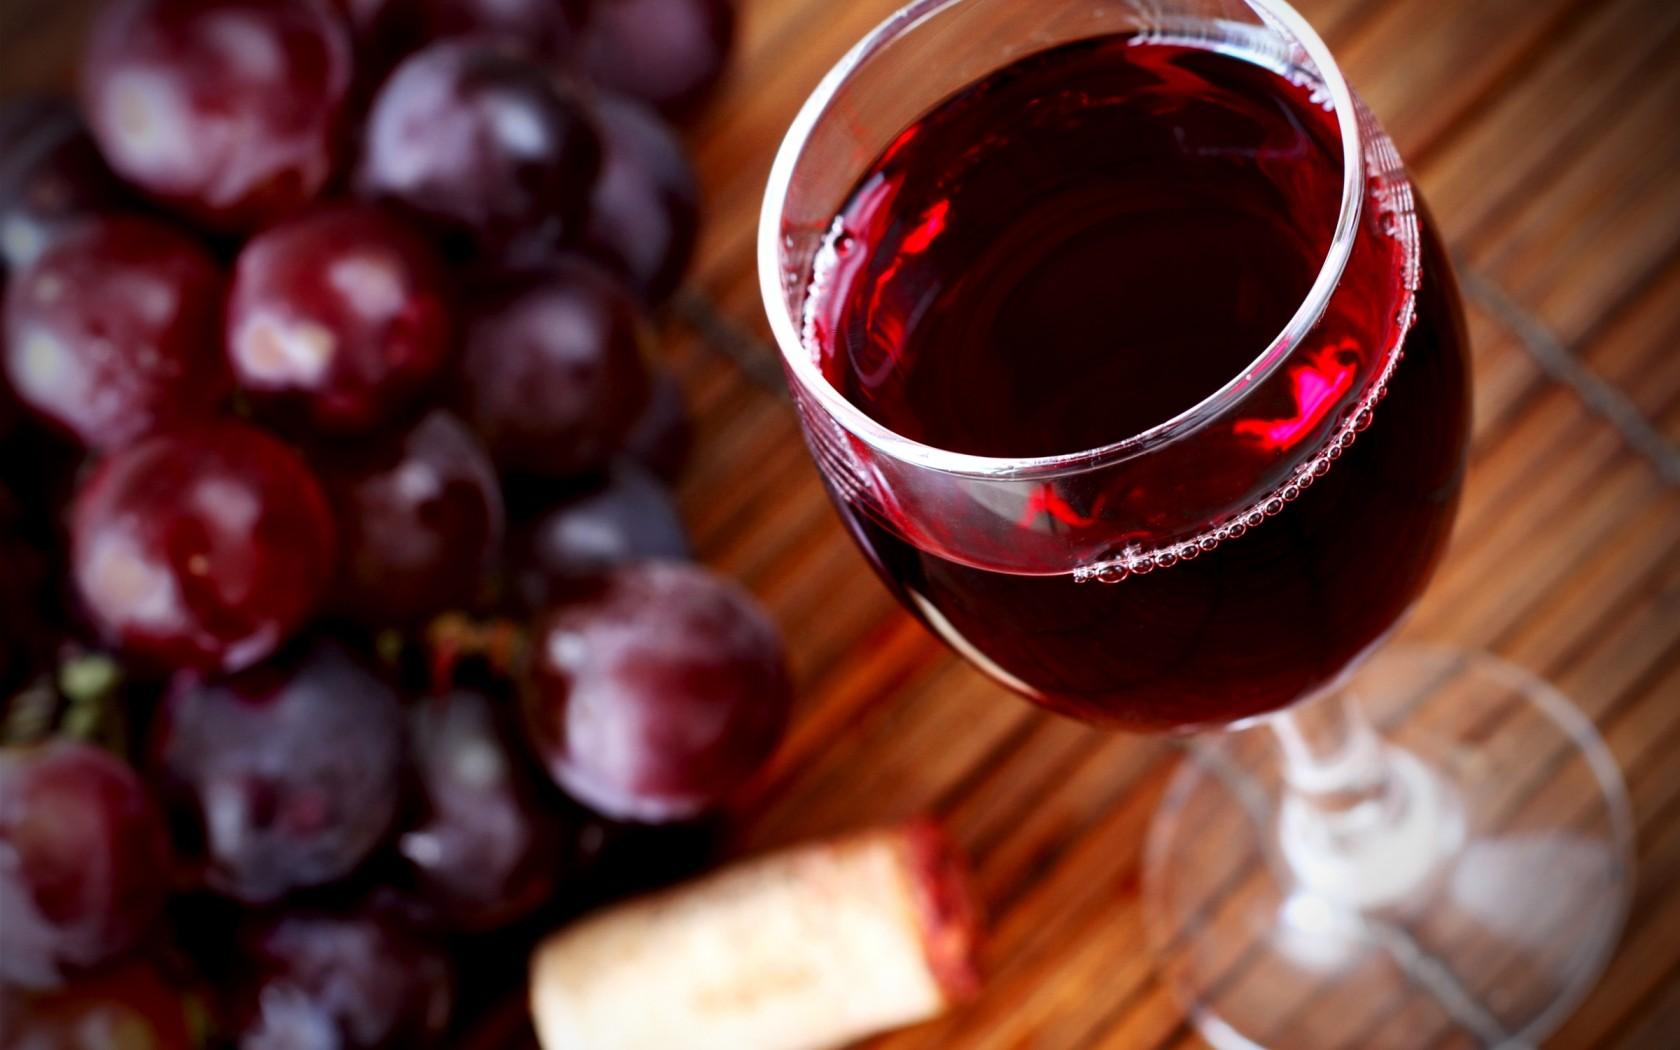 Подбор сырья для вина. Подготовка плодов и ягод для переработки в виноматериал. Отжим сока